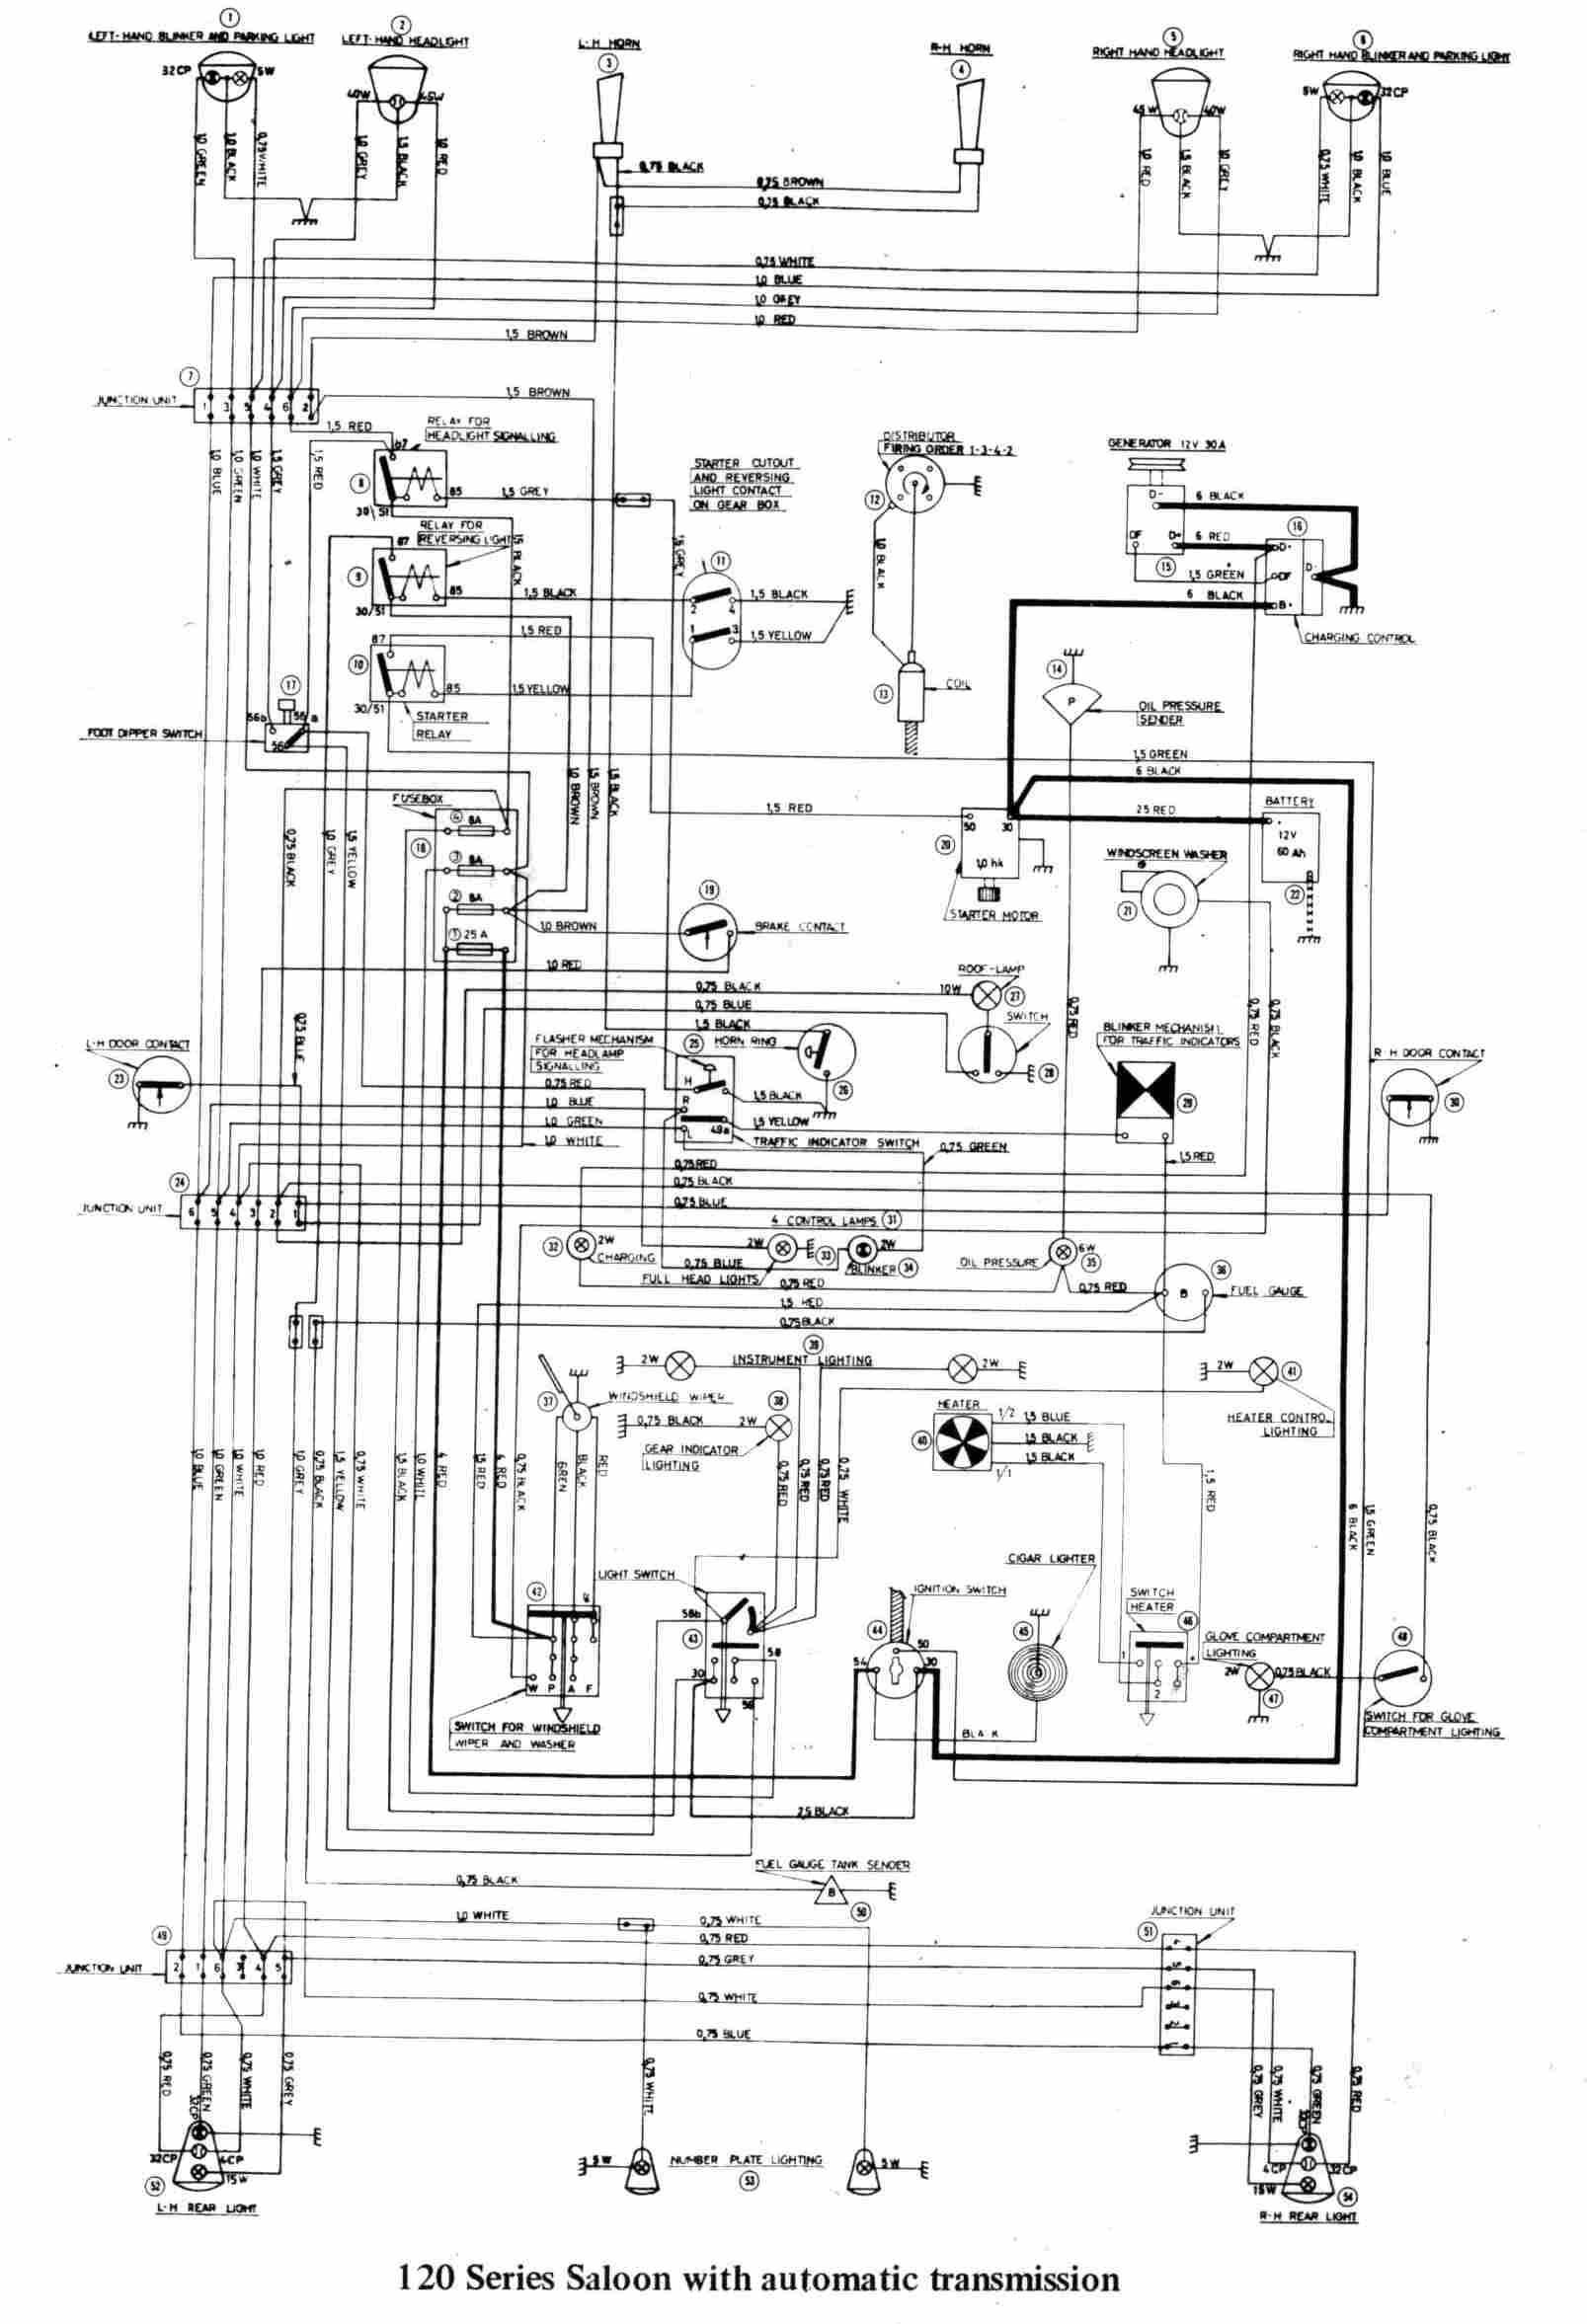 renault kangoo engine diagram renault clio 3 wiring